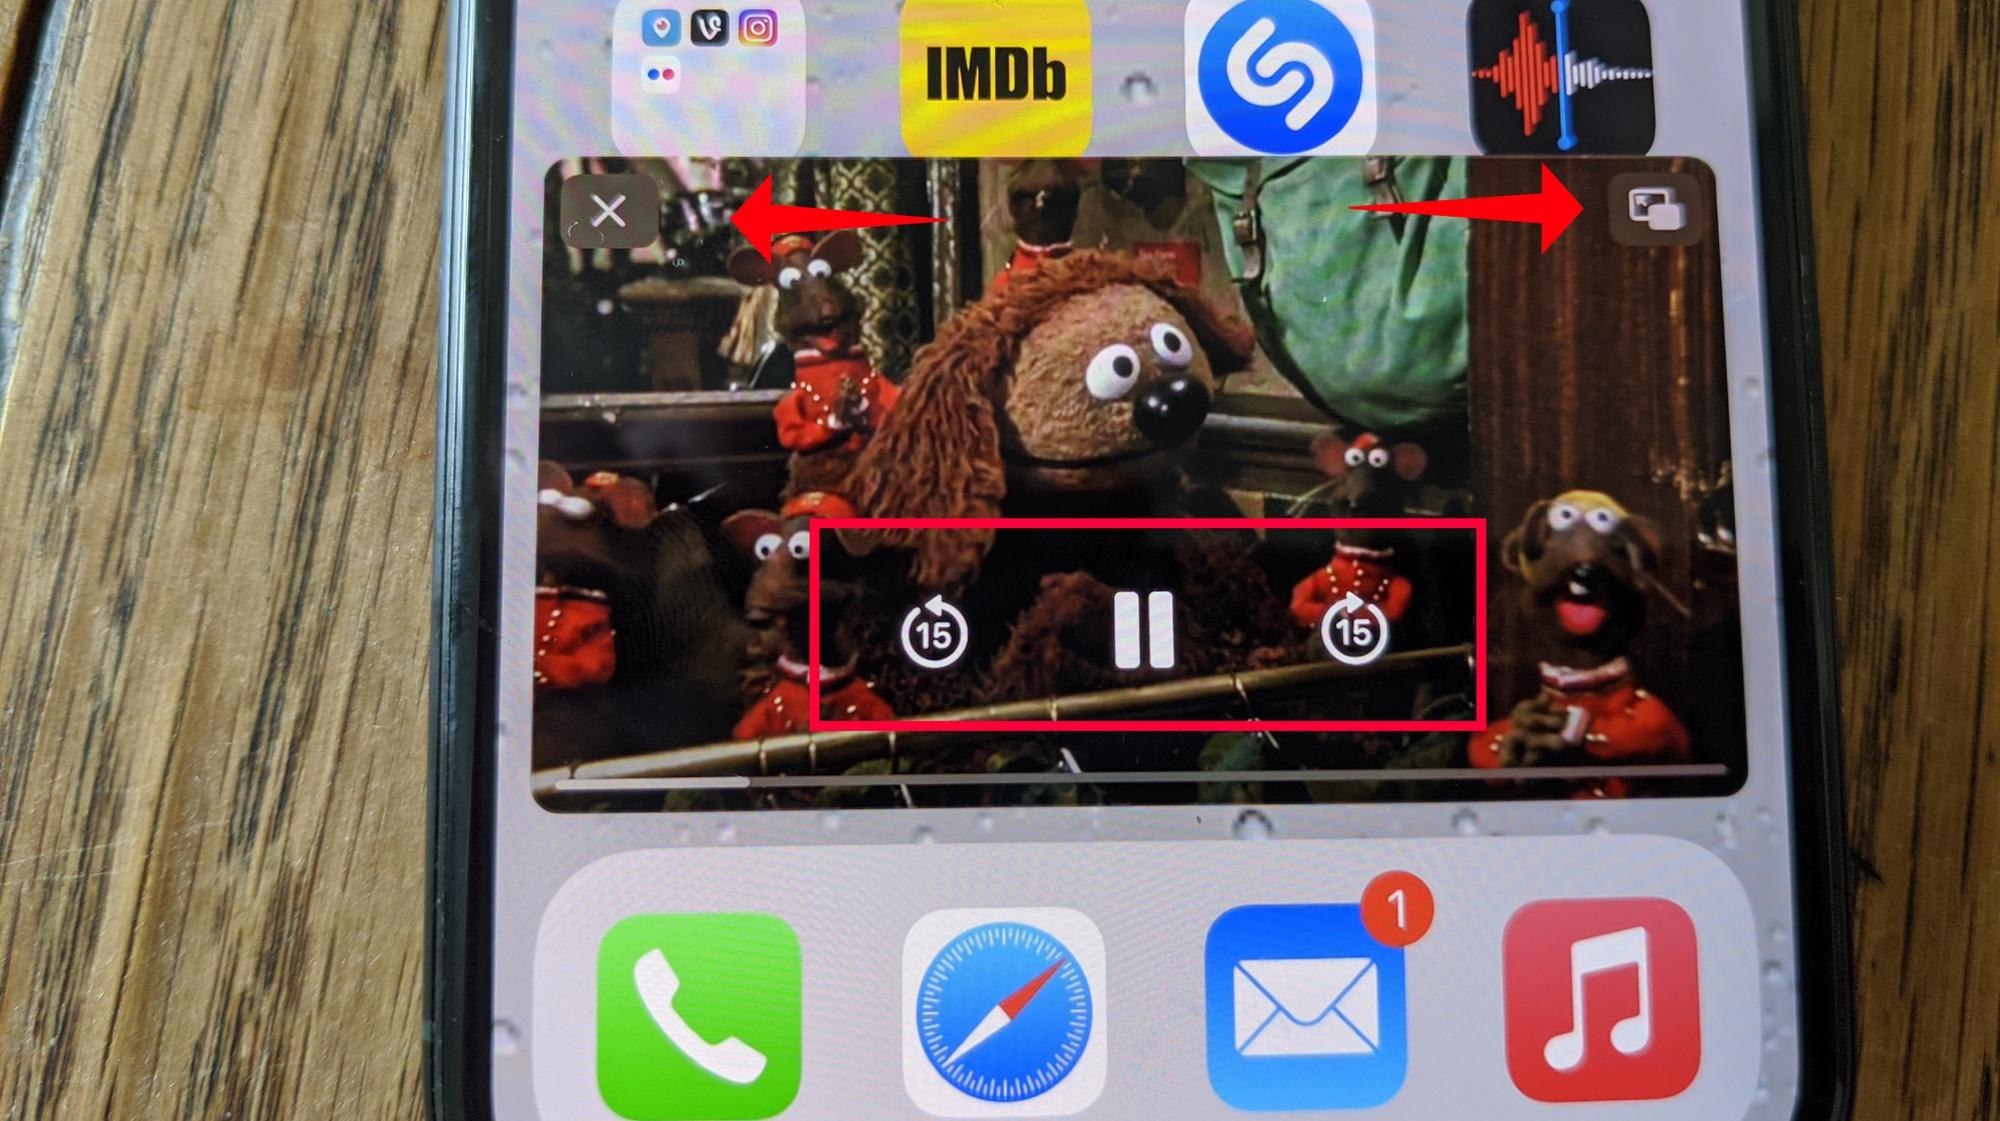 cómo usar la imagen en imagen de iOS 14